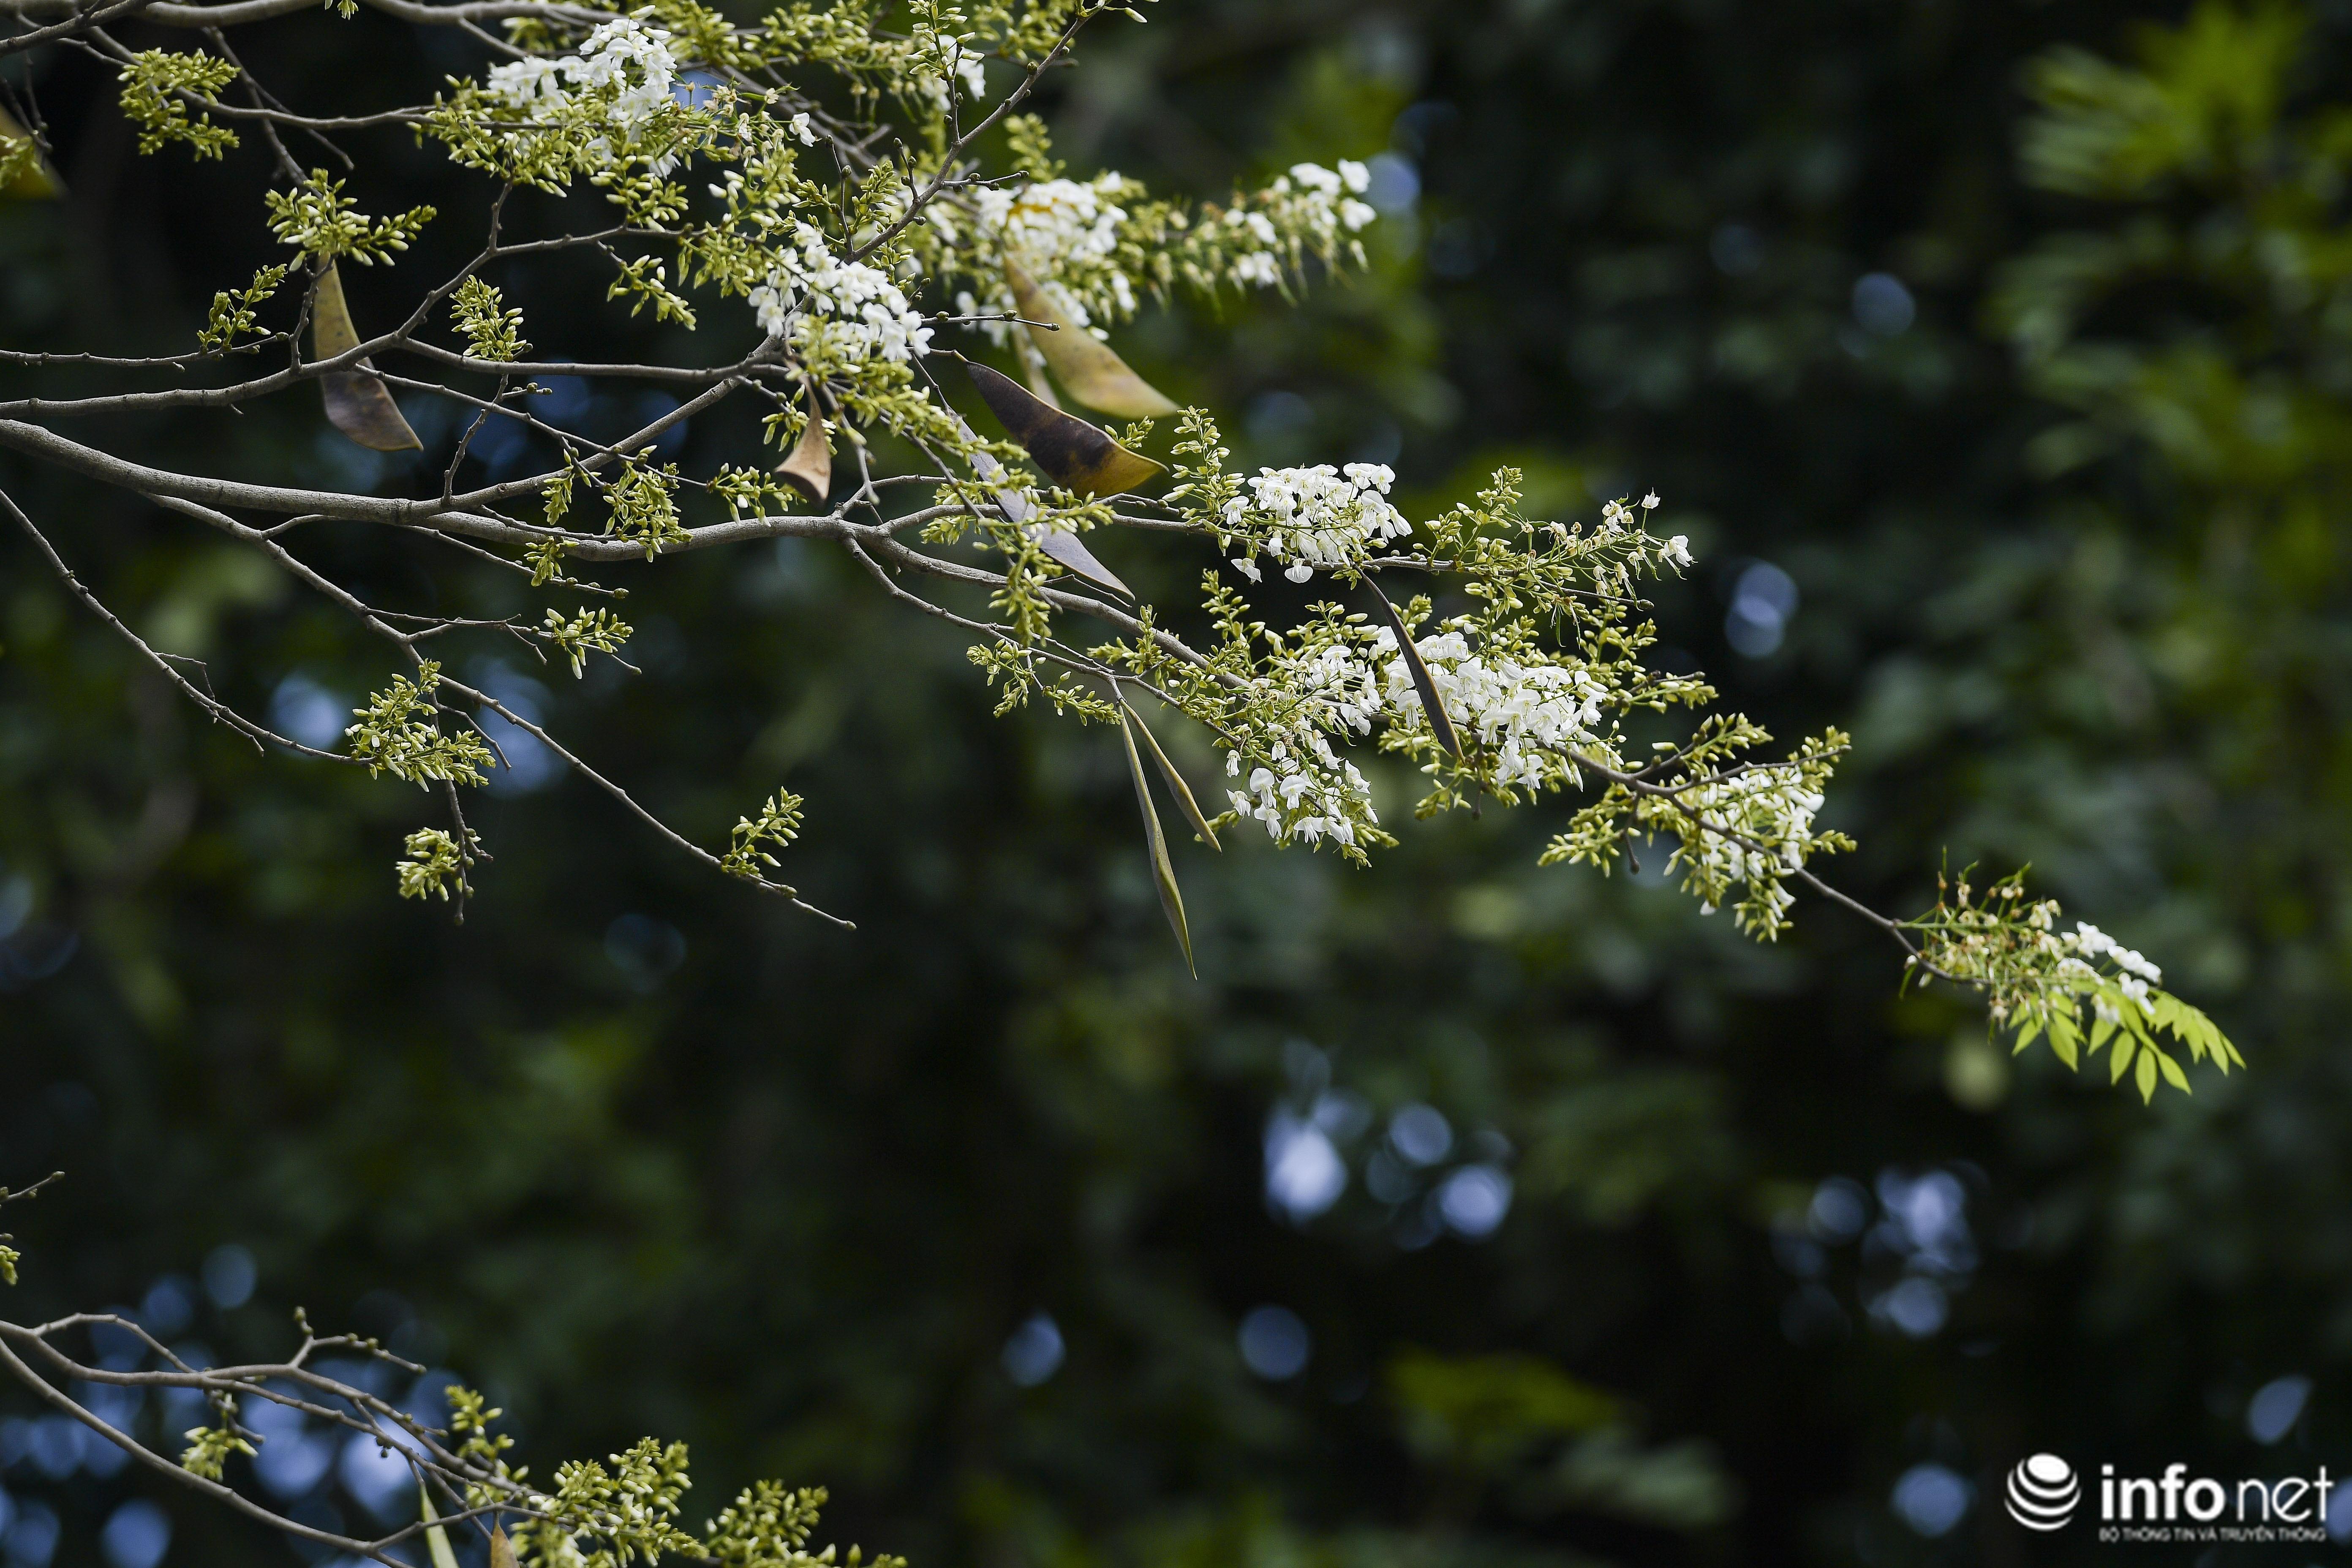 Ngắm hoa sưa nở trắng phố phường Hà Nội Ảnh 5